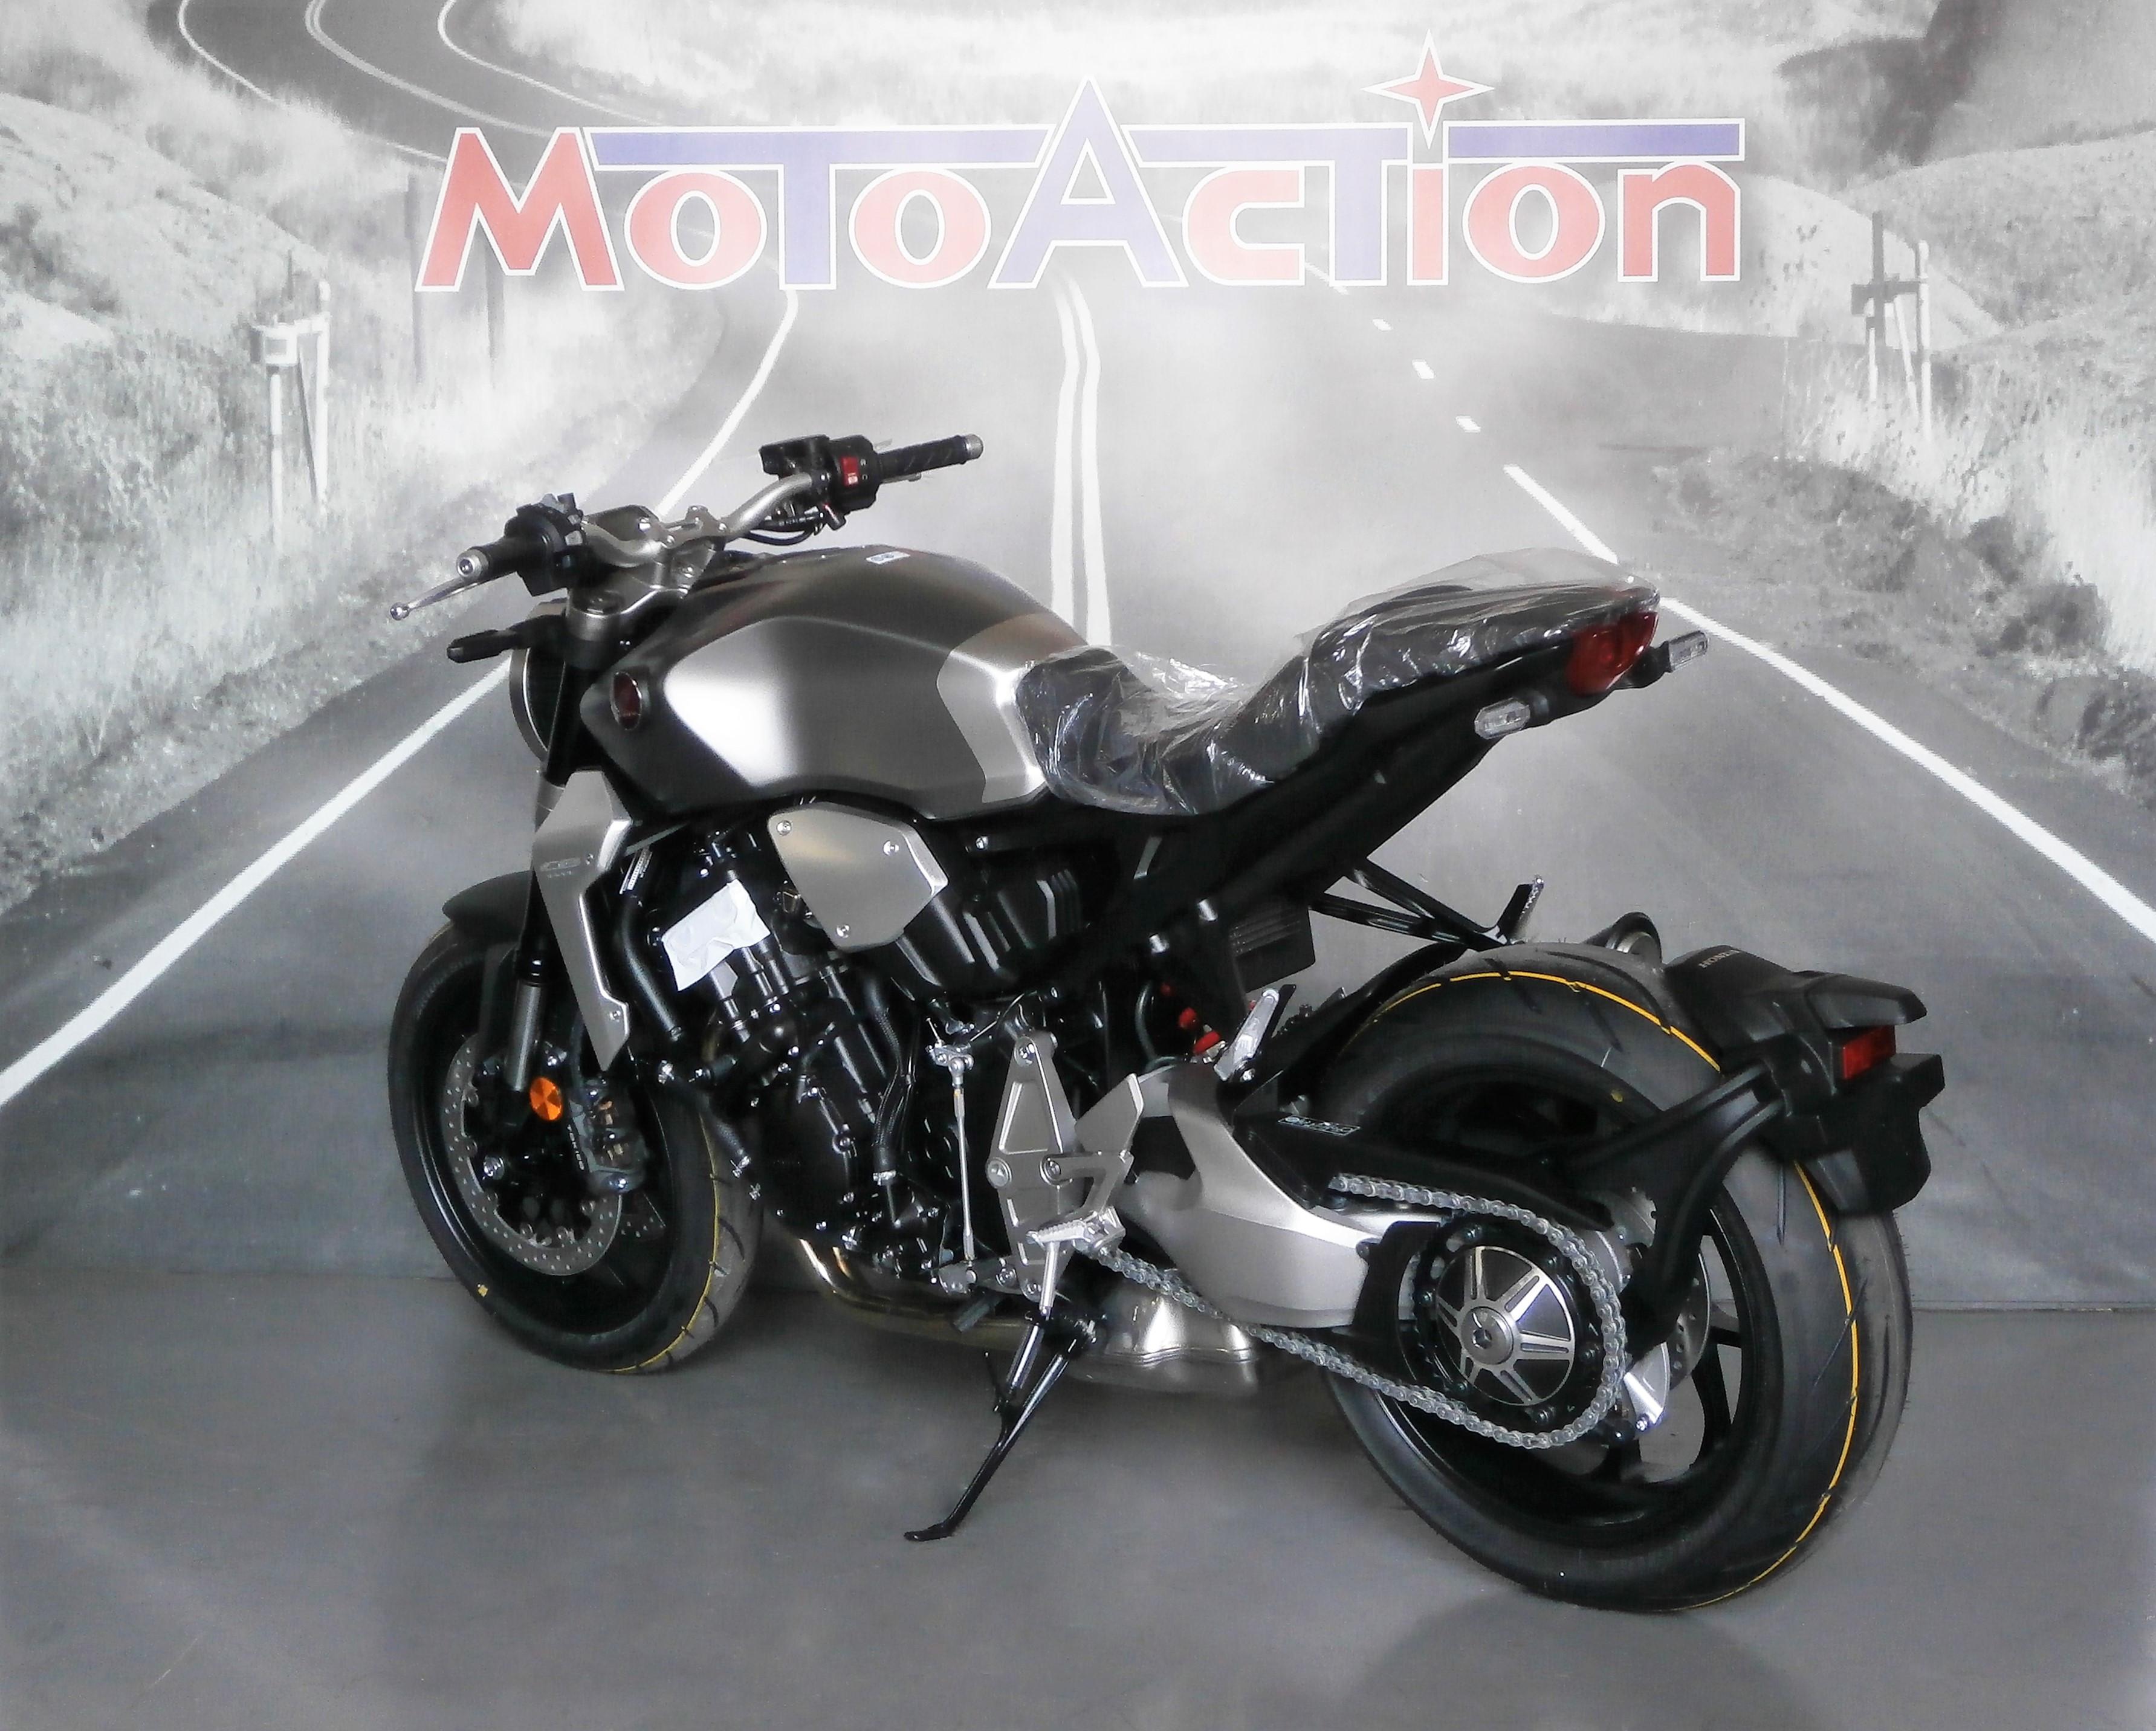 Honda Cb 1000 R Neo Sport Cafè 2018 Nuovo Moto Action